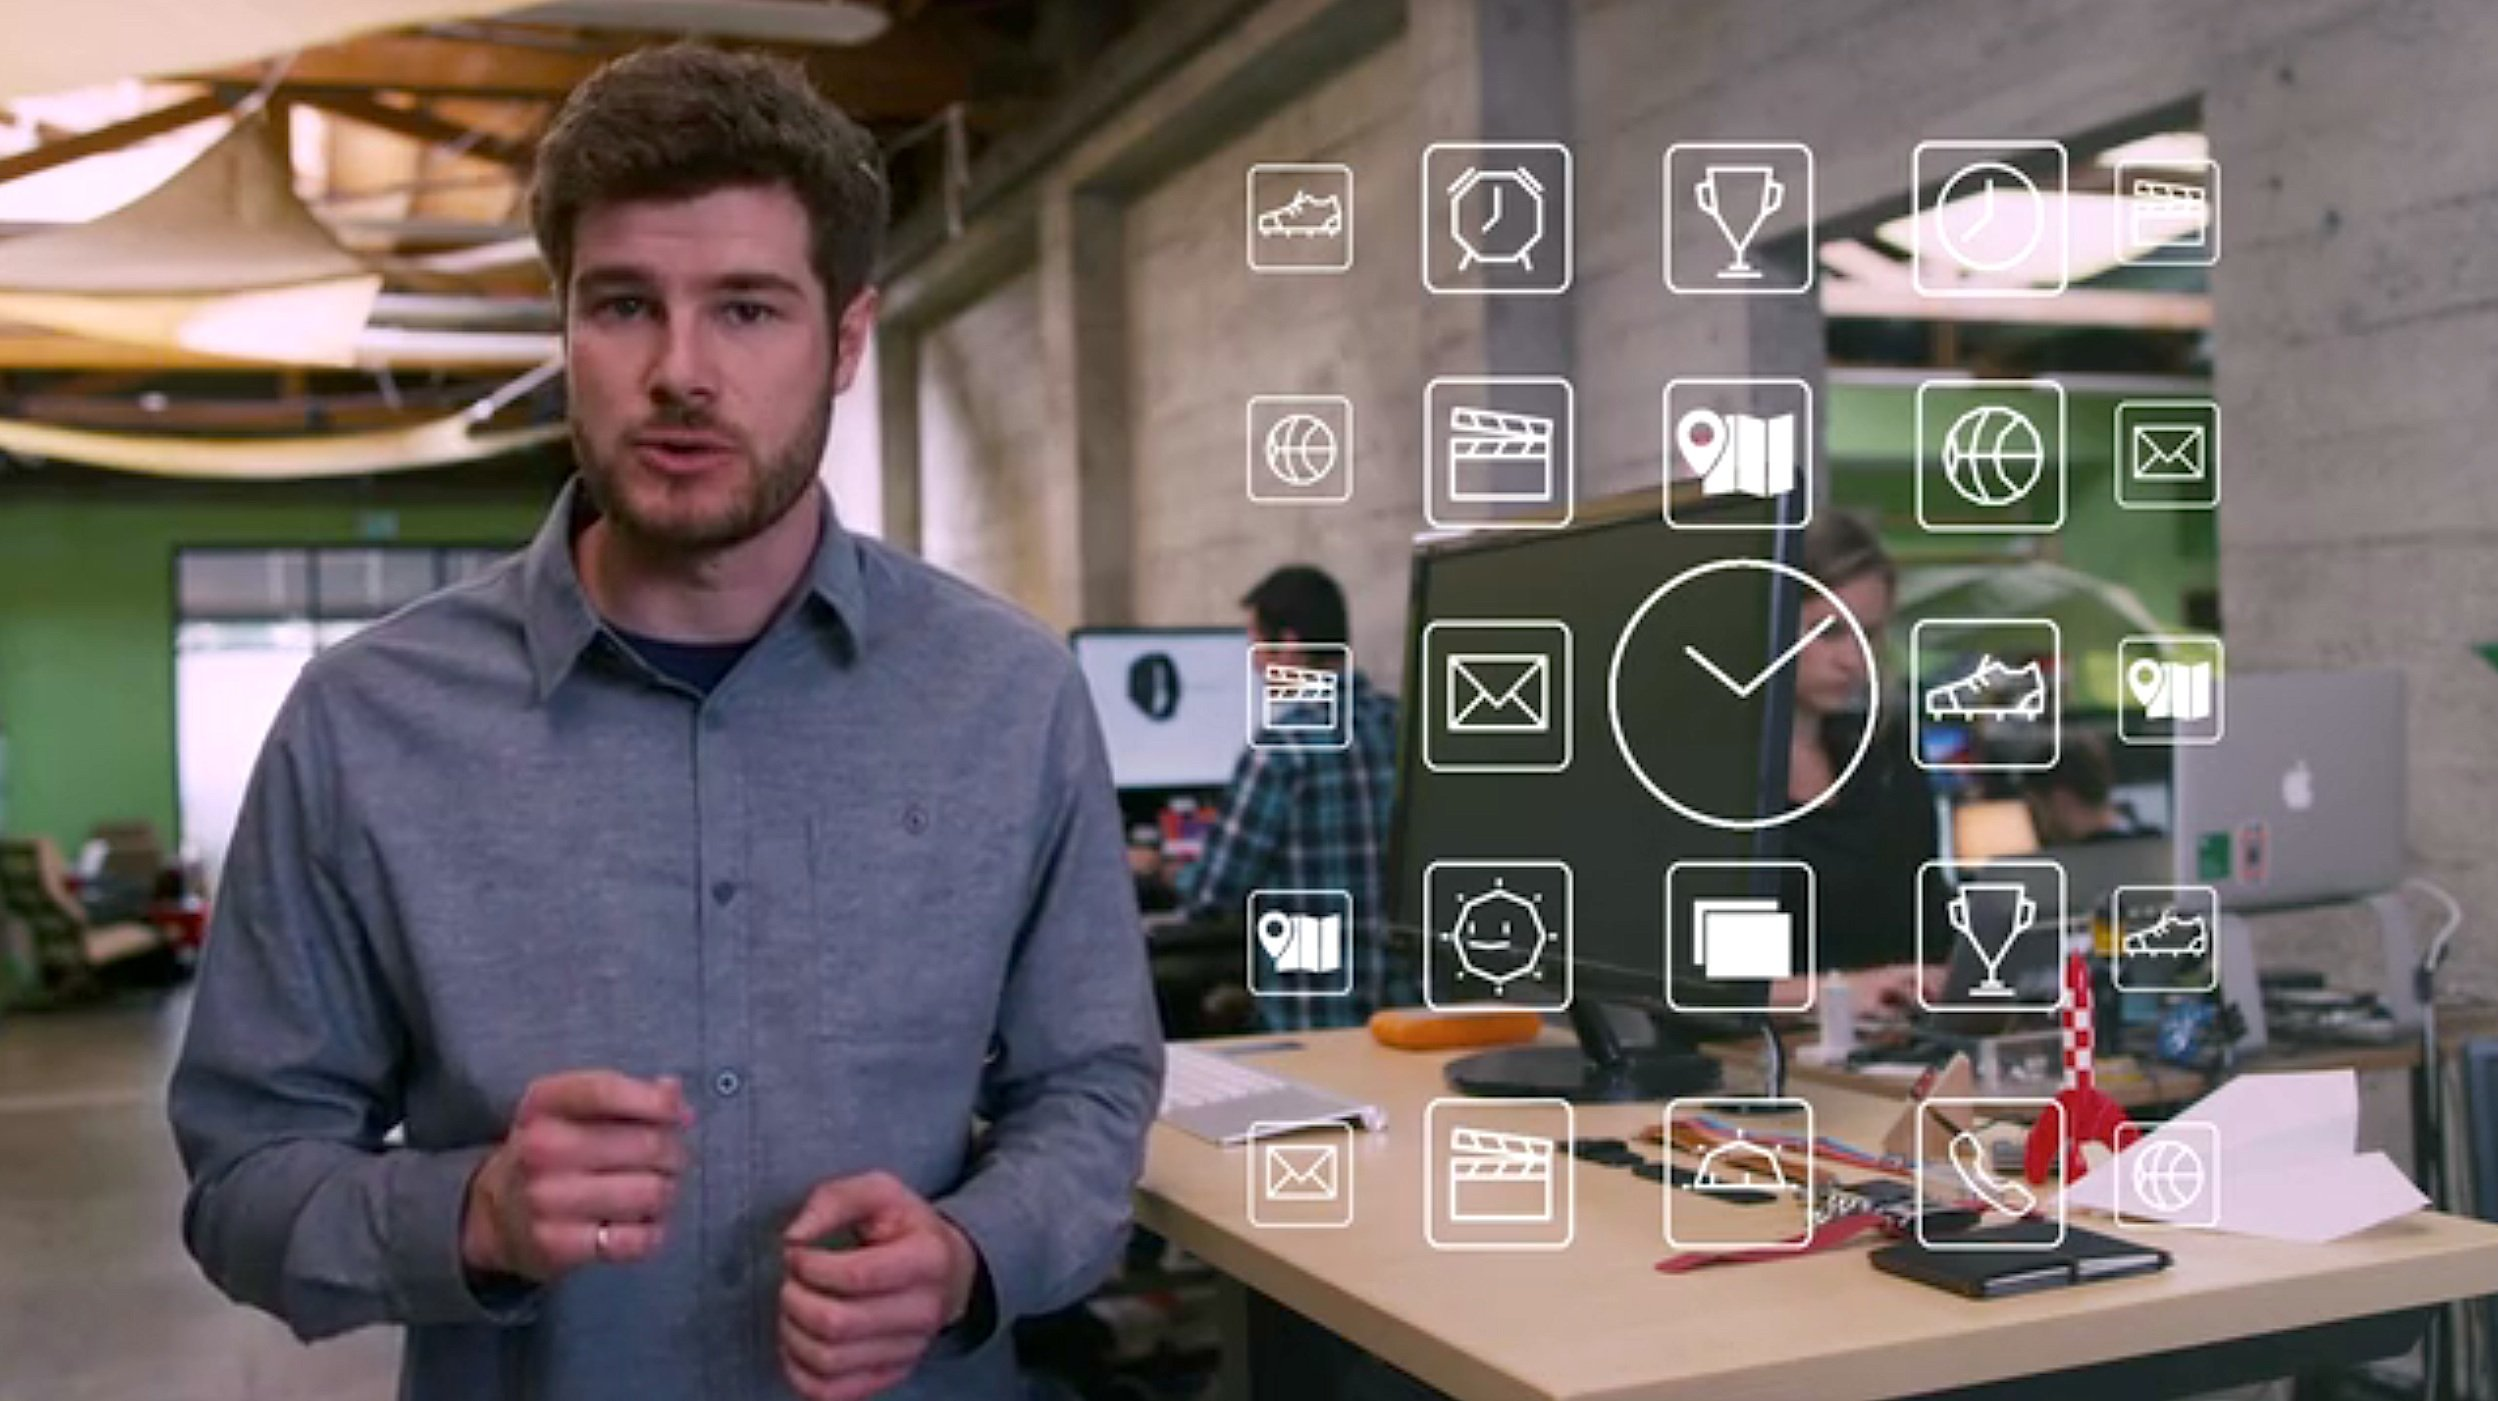 Die Pebble-Smartwatch kann Musik abspielen, Termine planen, Anrufe verwalten und natürlich Nachrichten verschicken.